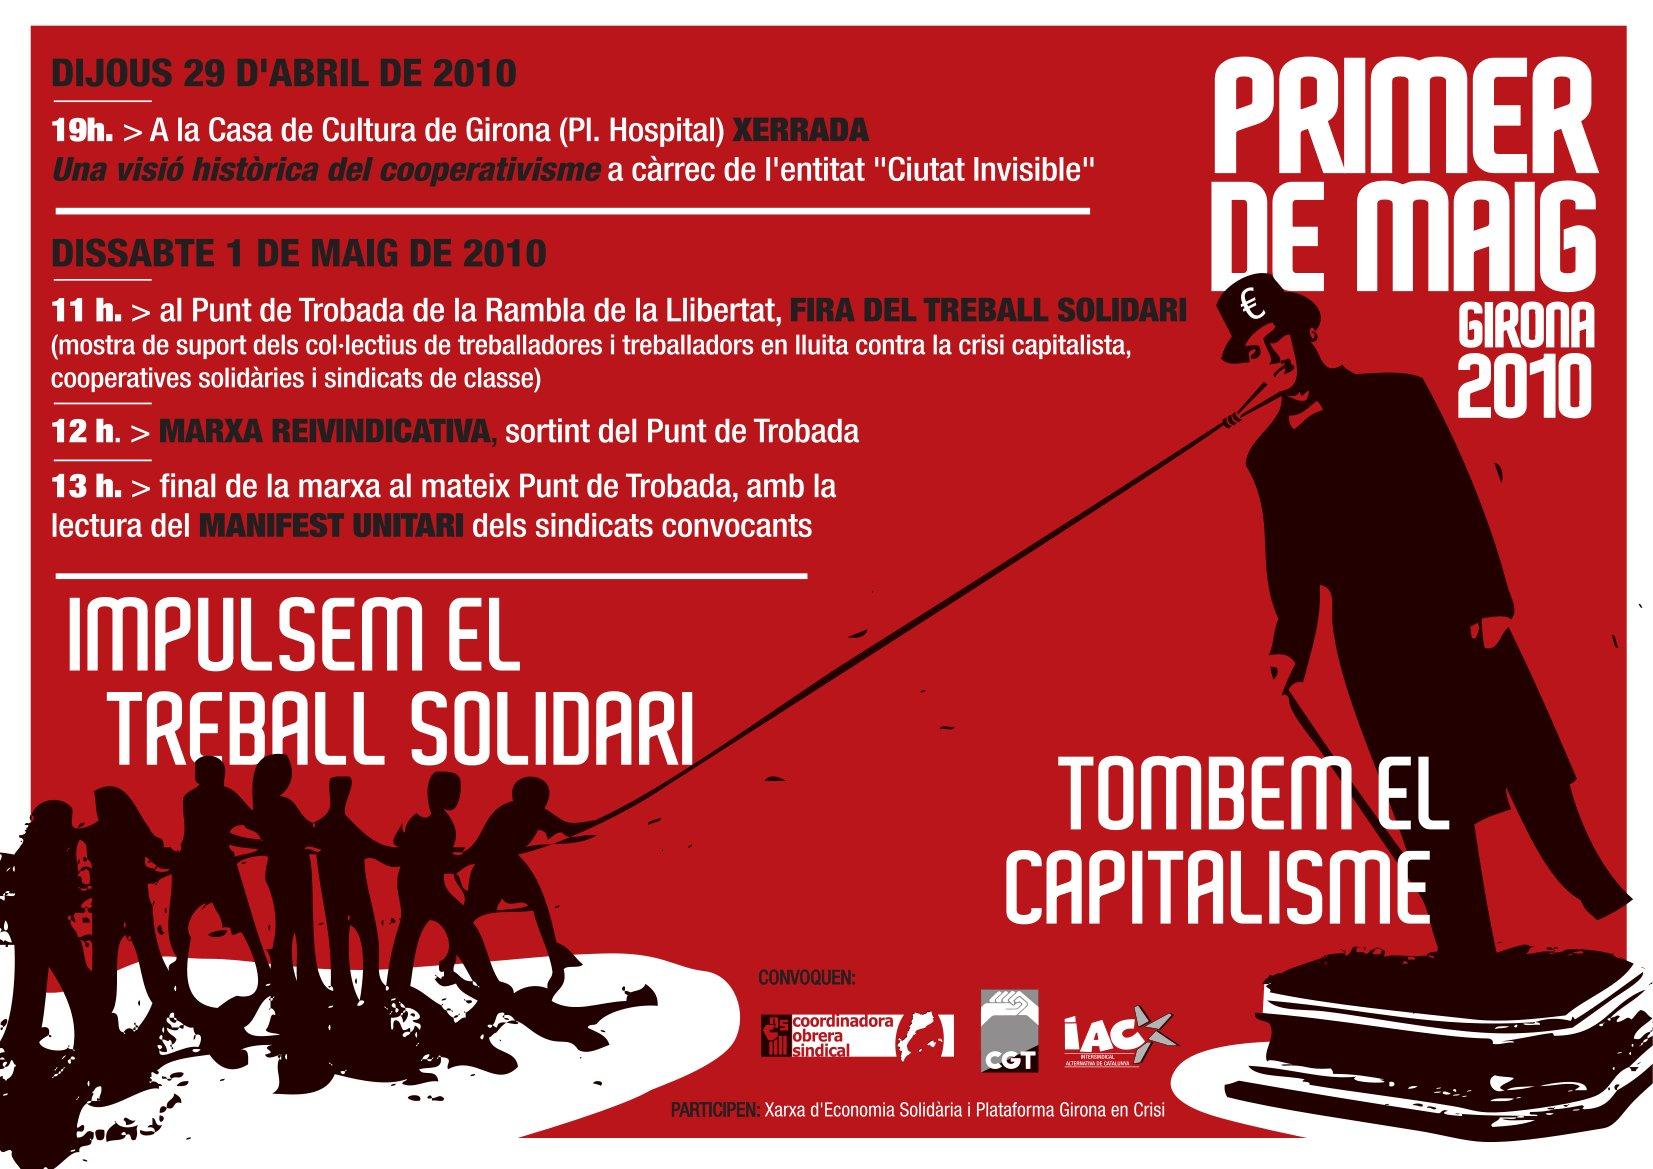 Cartell 1 de Maig a Girona